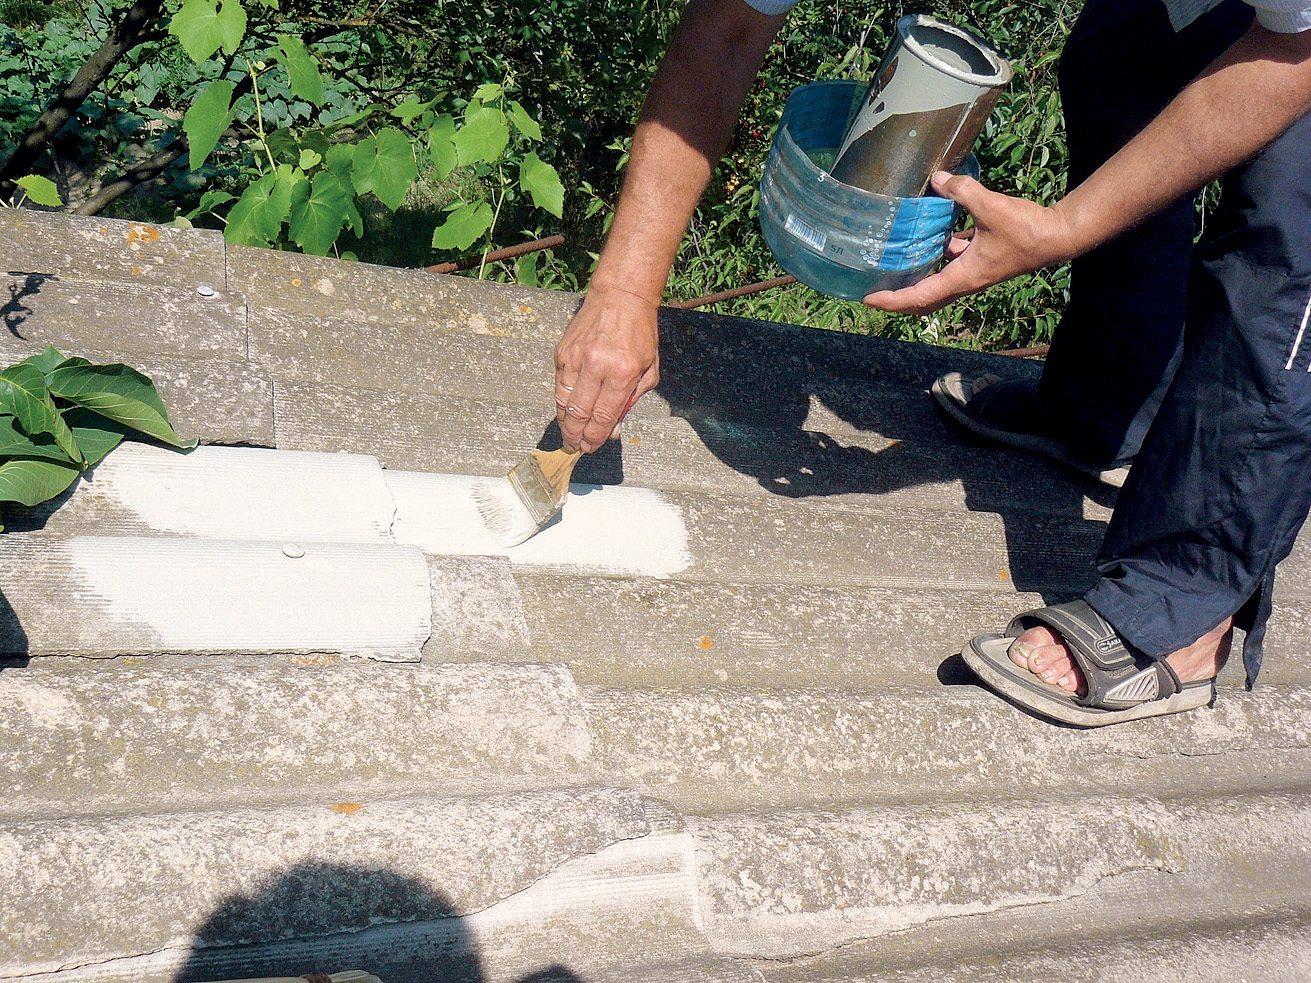 Ремонт шифера: использование мастики, праймера, герметика. как залатать лопнувший шифер